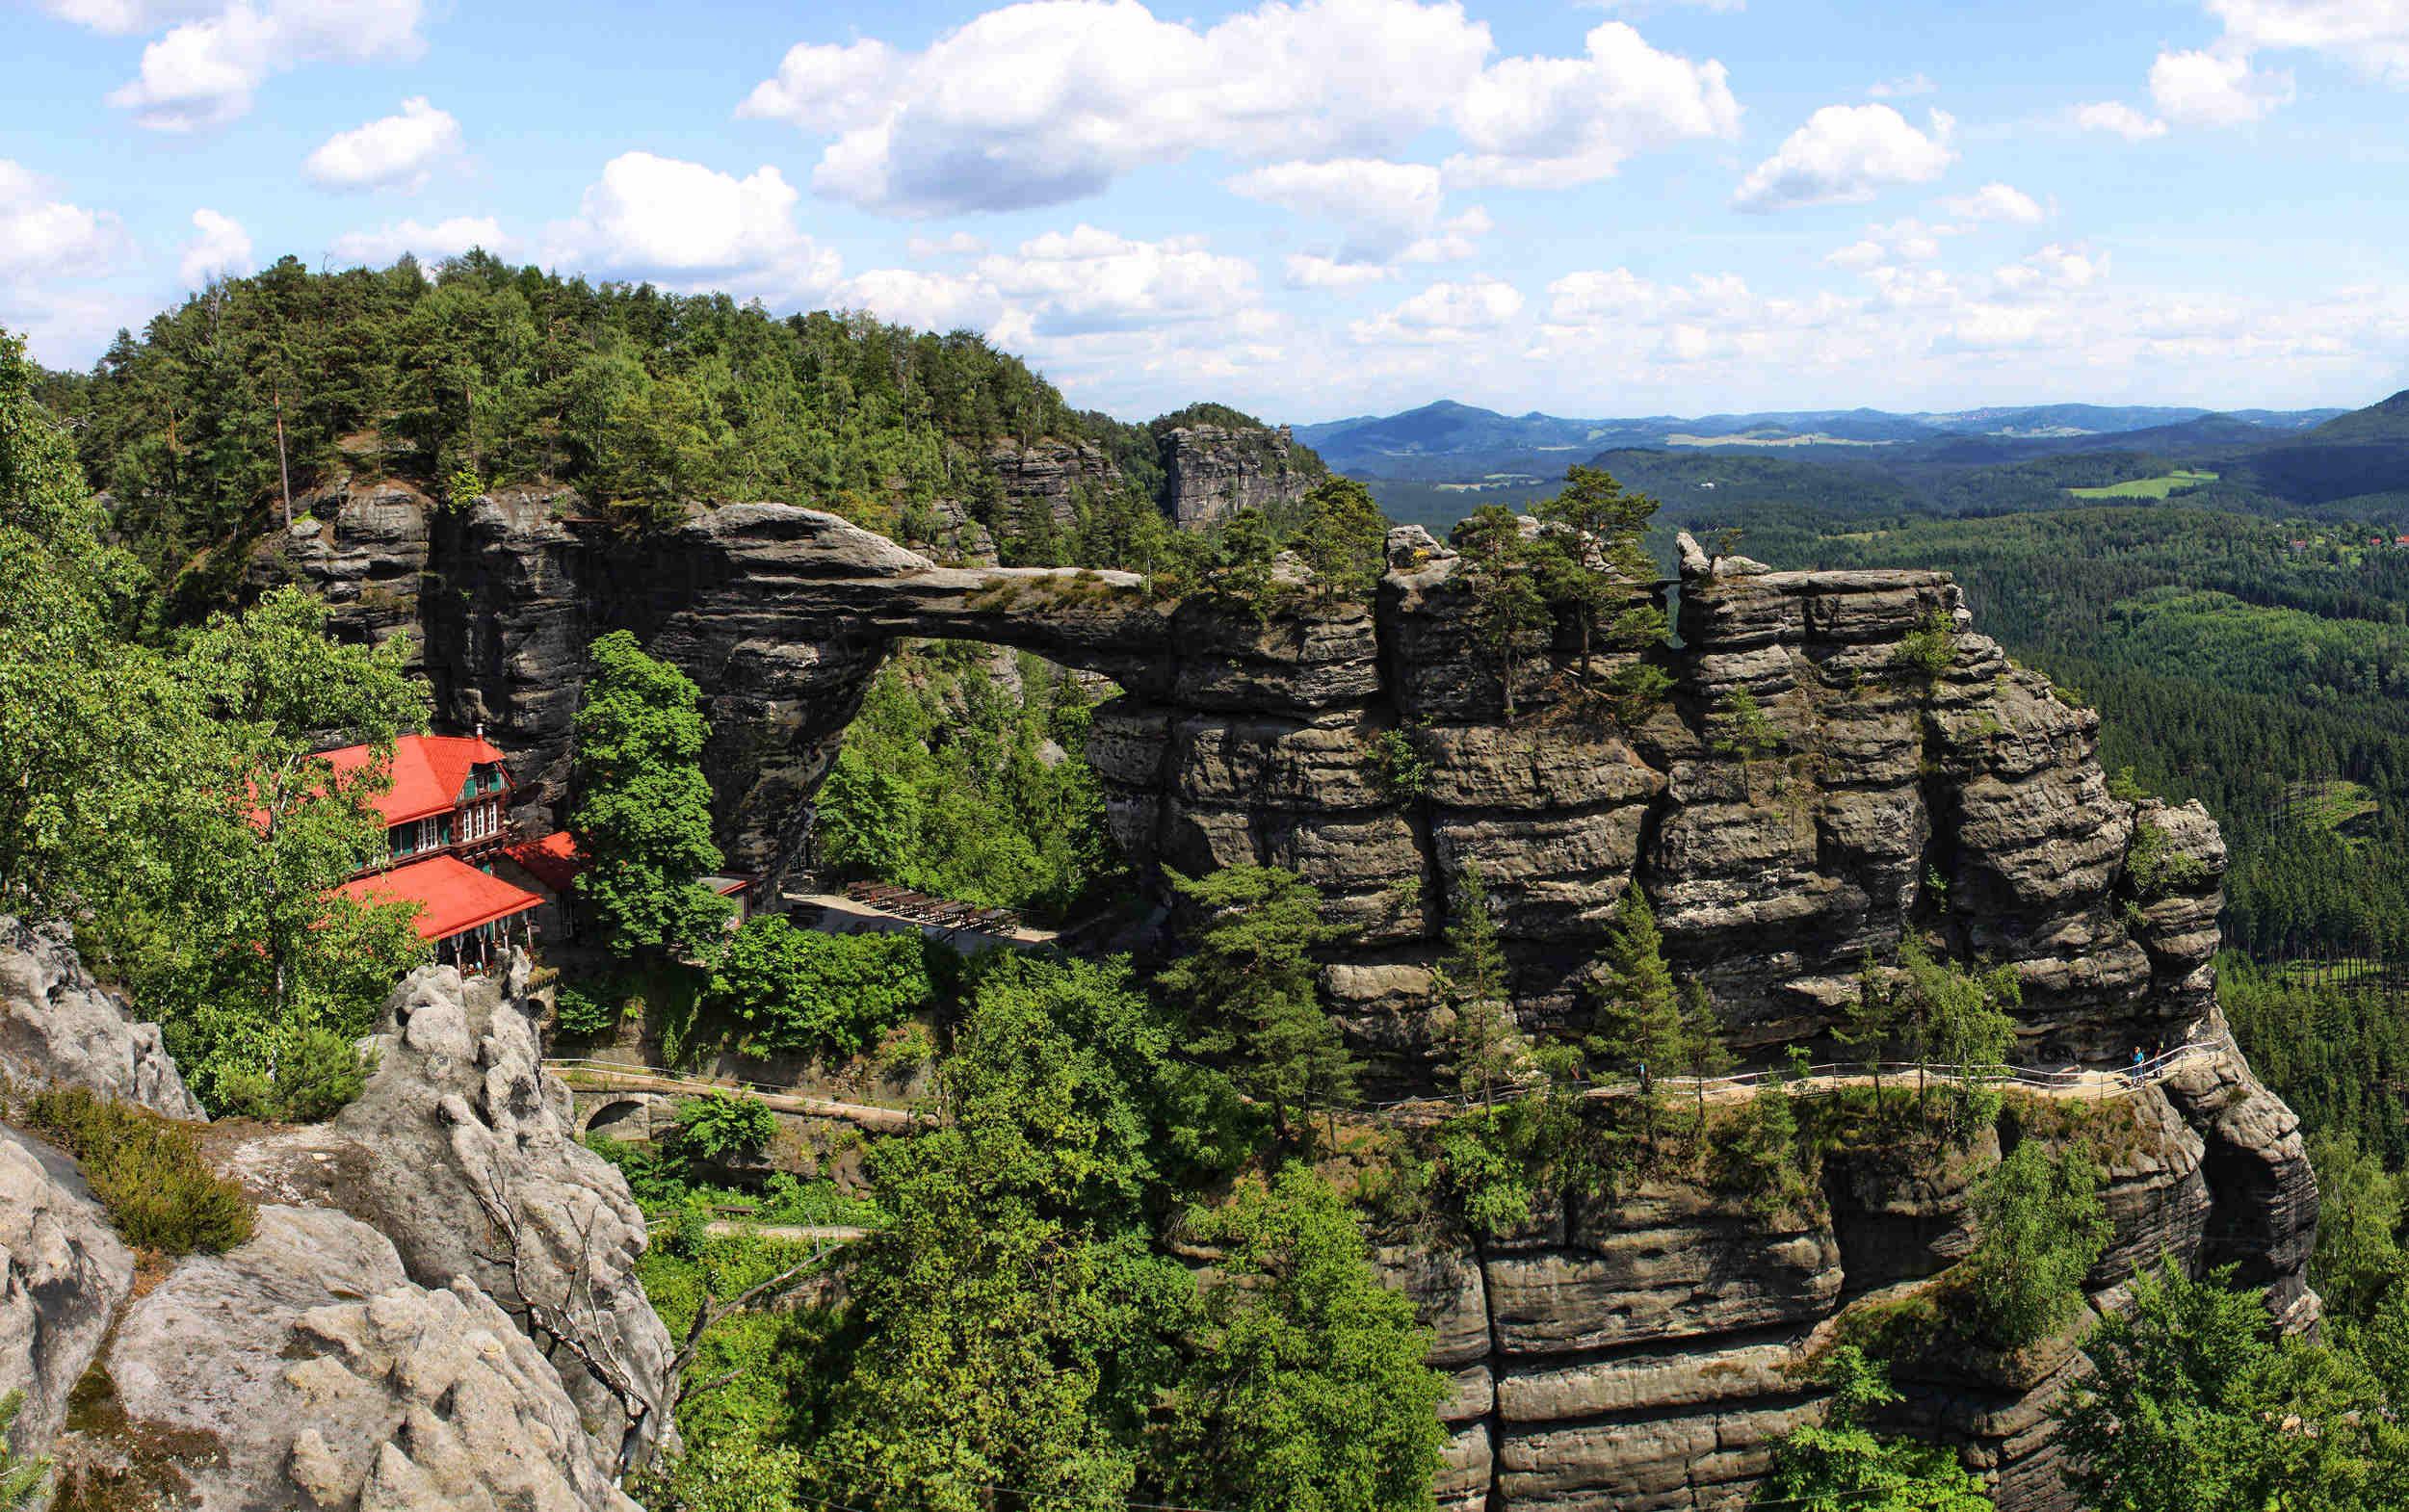 Vyrazte za krásnou přírodou do Českého Švýcarska